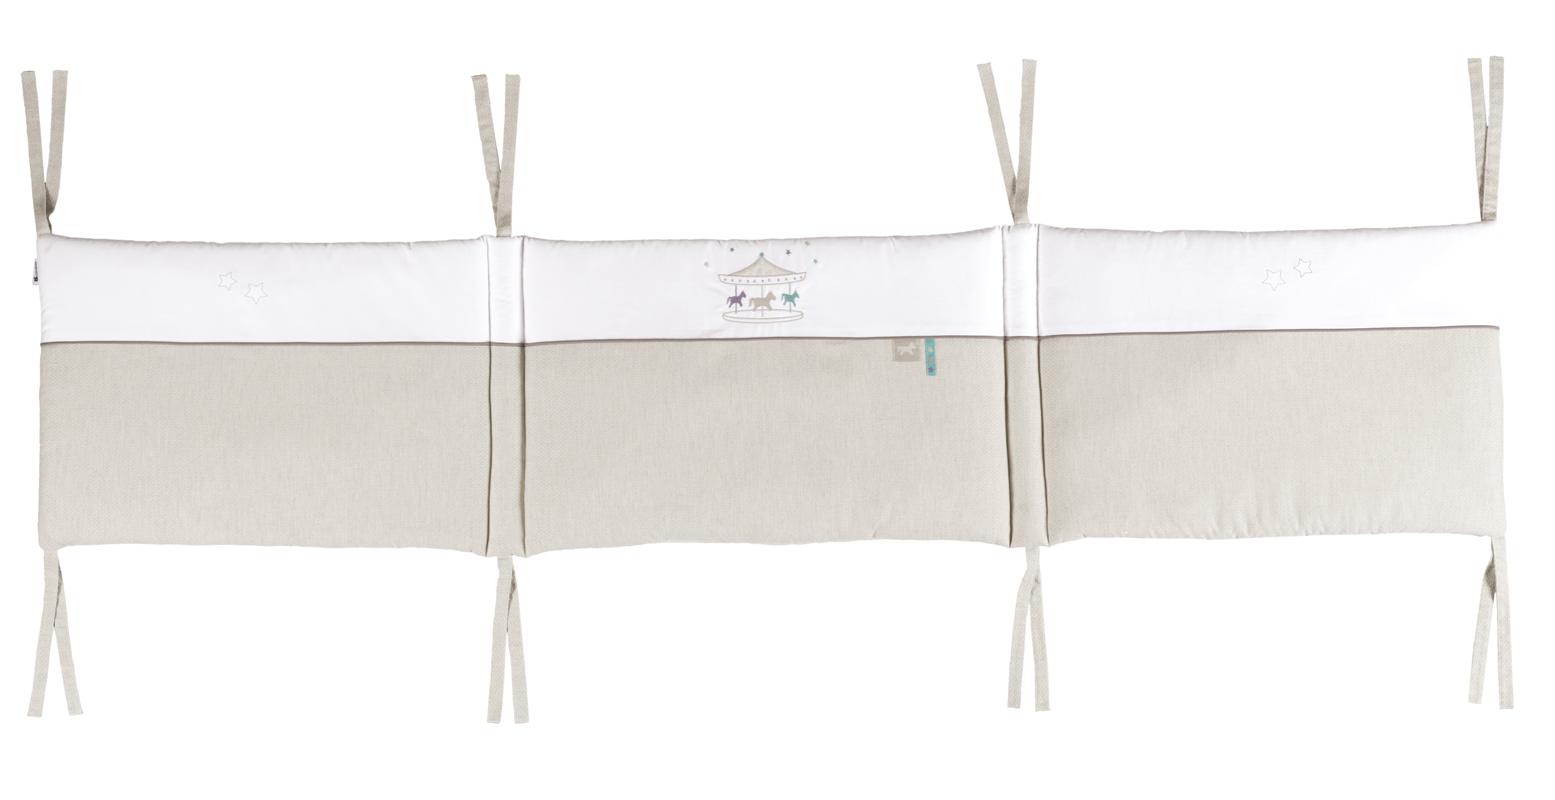 Candide ctour de lit pour lits 60x120 et 70x140 cm petit m - Tour de lit bebe pour lit 70x140 ...